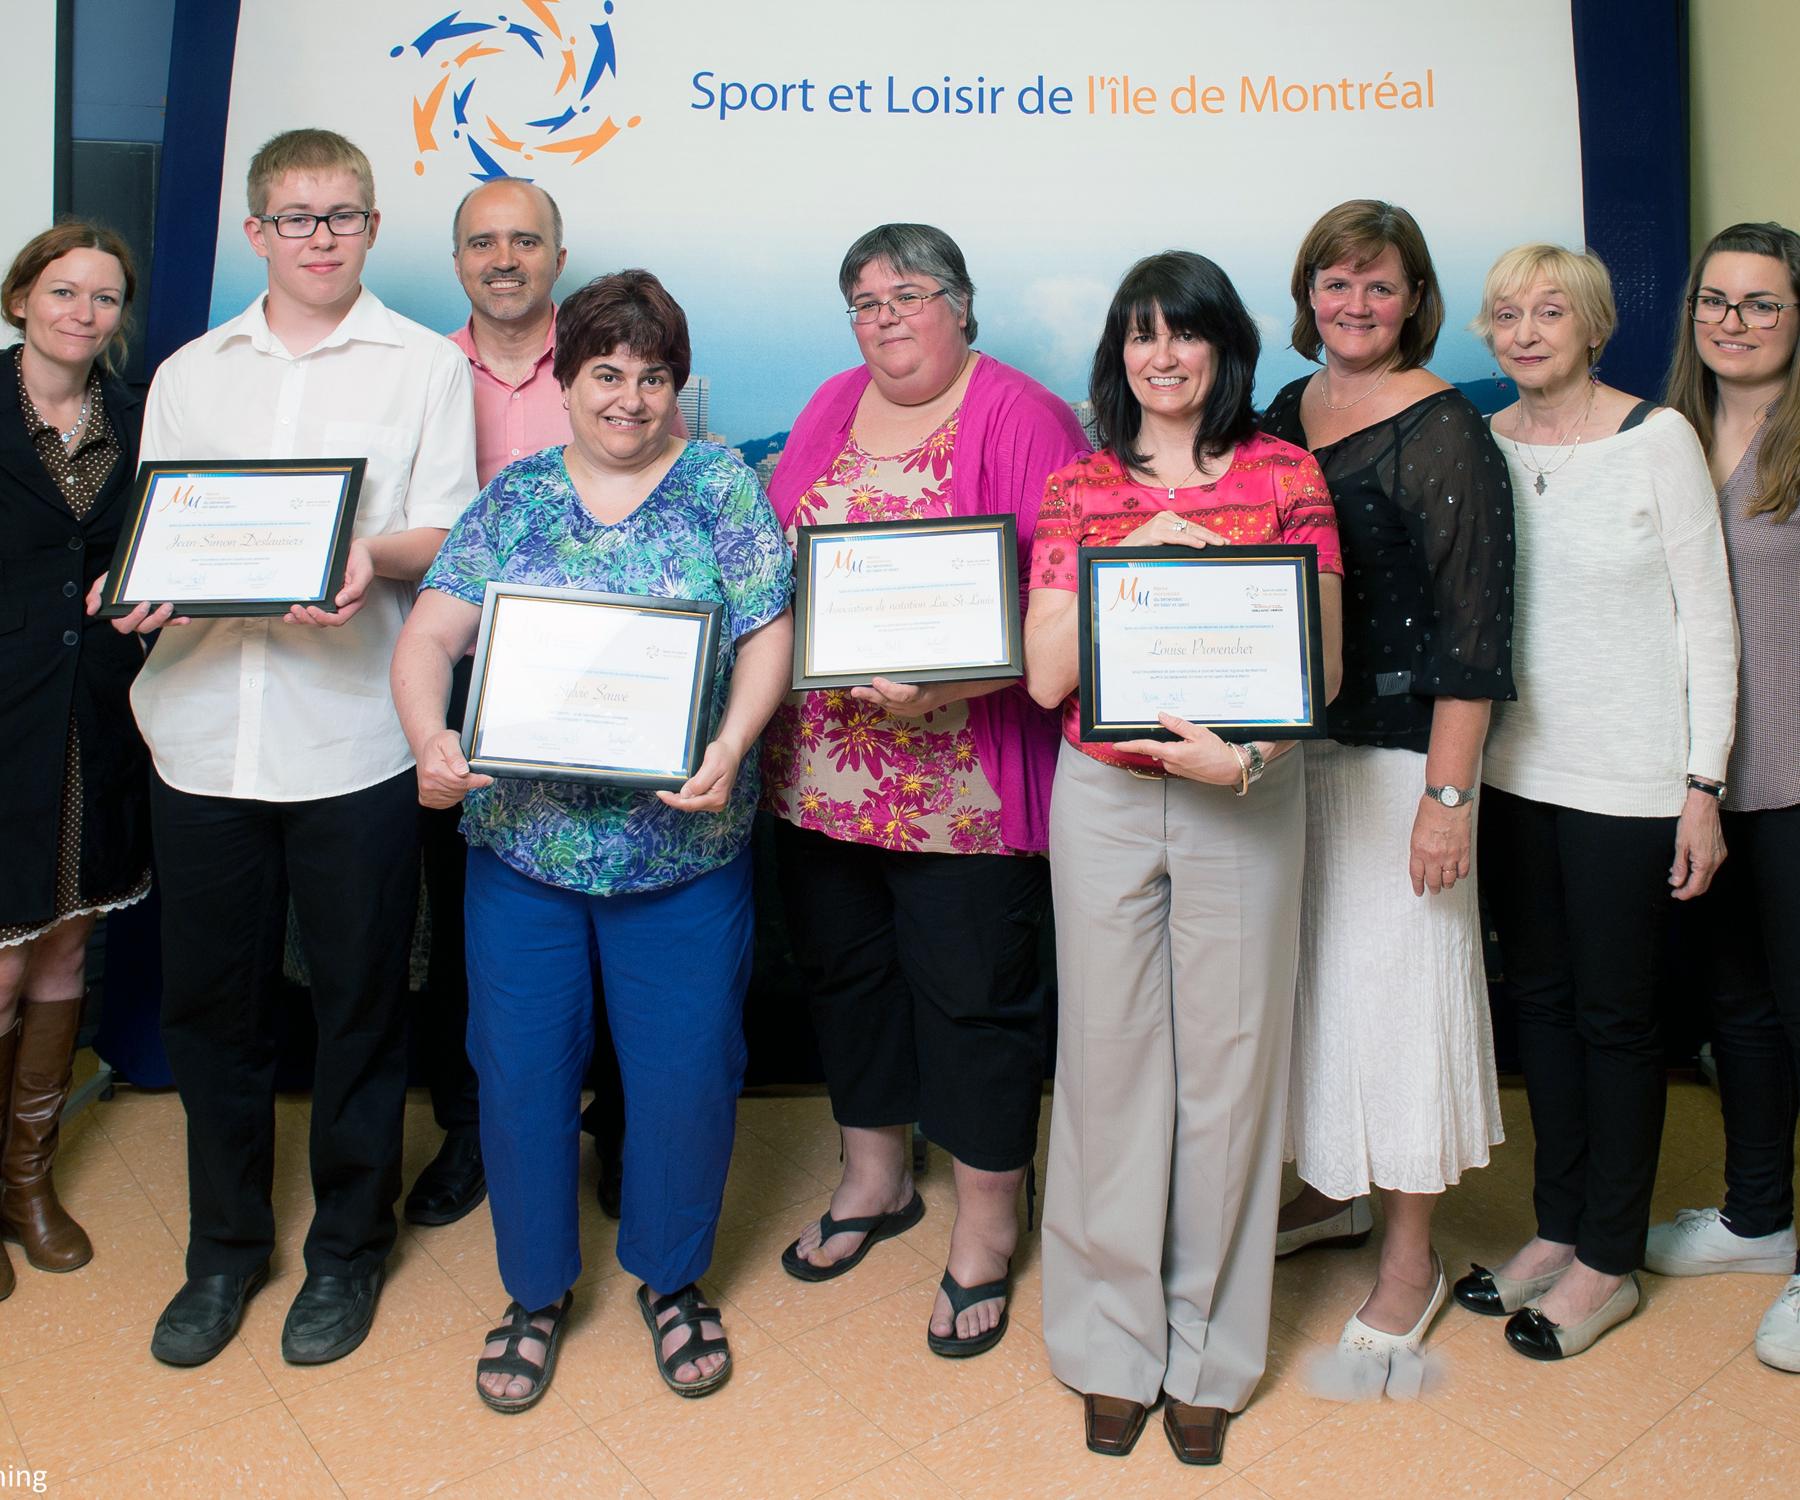 Soirée de «Mérite montréalais du bénévolat en sport et loisir - 2014